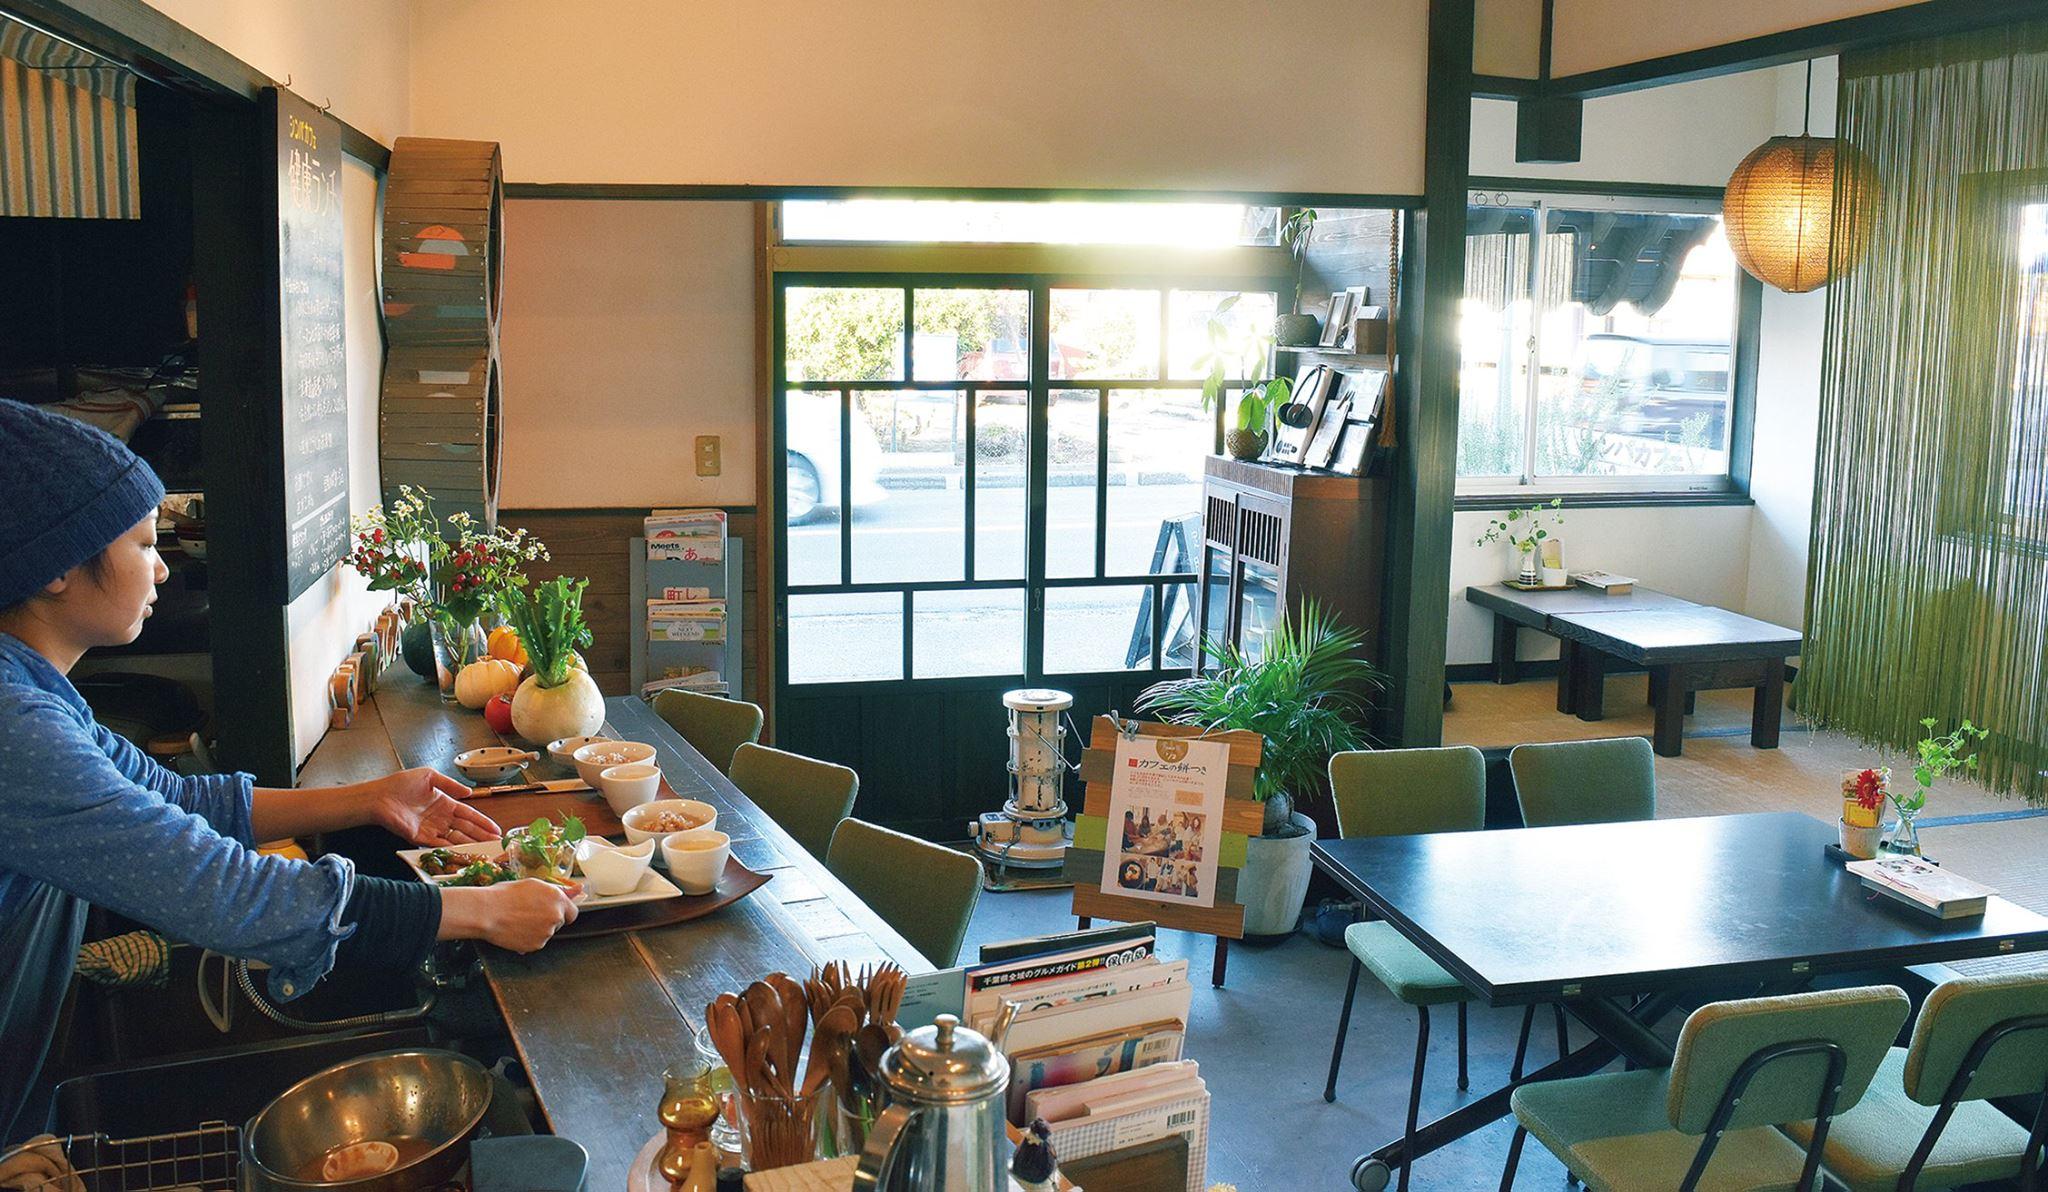 1人でも家族でもゆったりくつろげる店内。もともとすし屋だった店舗を改装し、畳や漆喰の壁、ランプシェードなど和風の趣が生かされている。 Photo:暮ラシカルデザイン編集室『房総カフェⅢ それぞれの食のシーン』より。